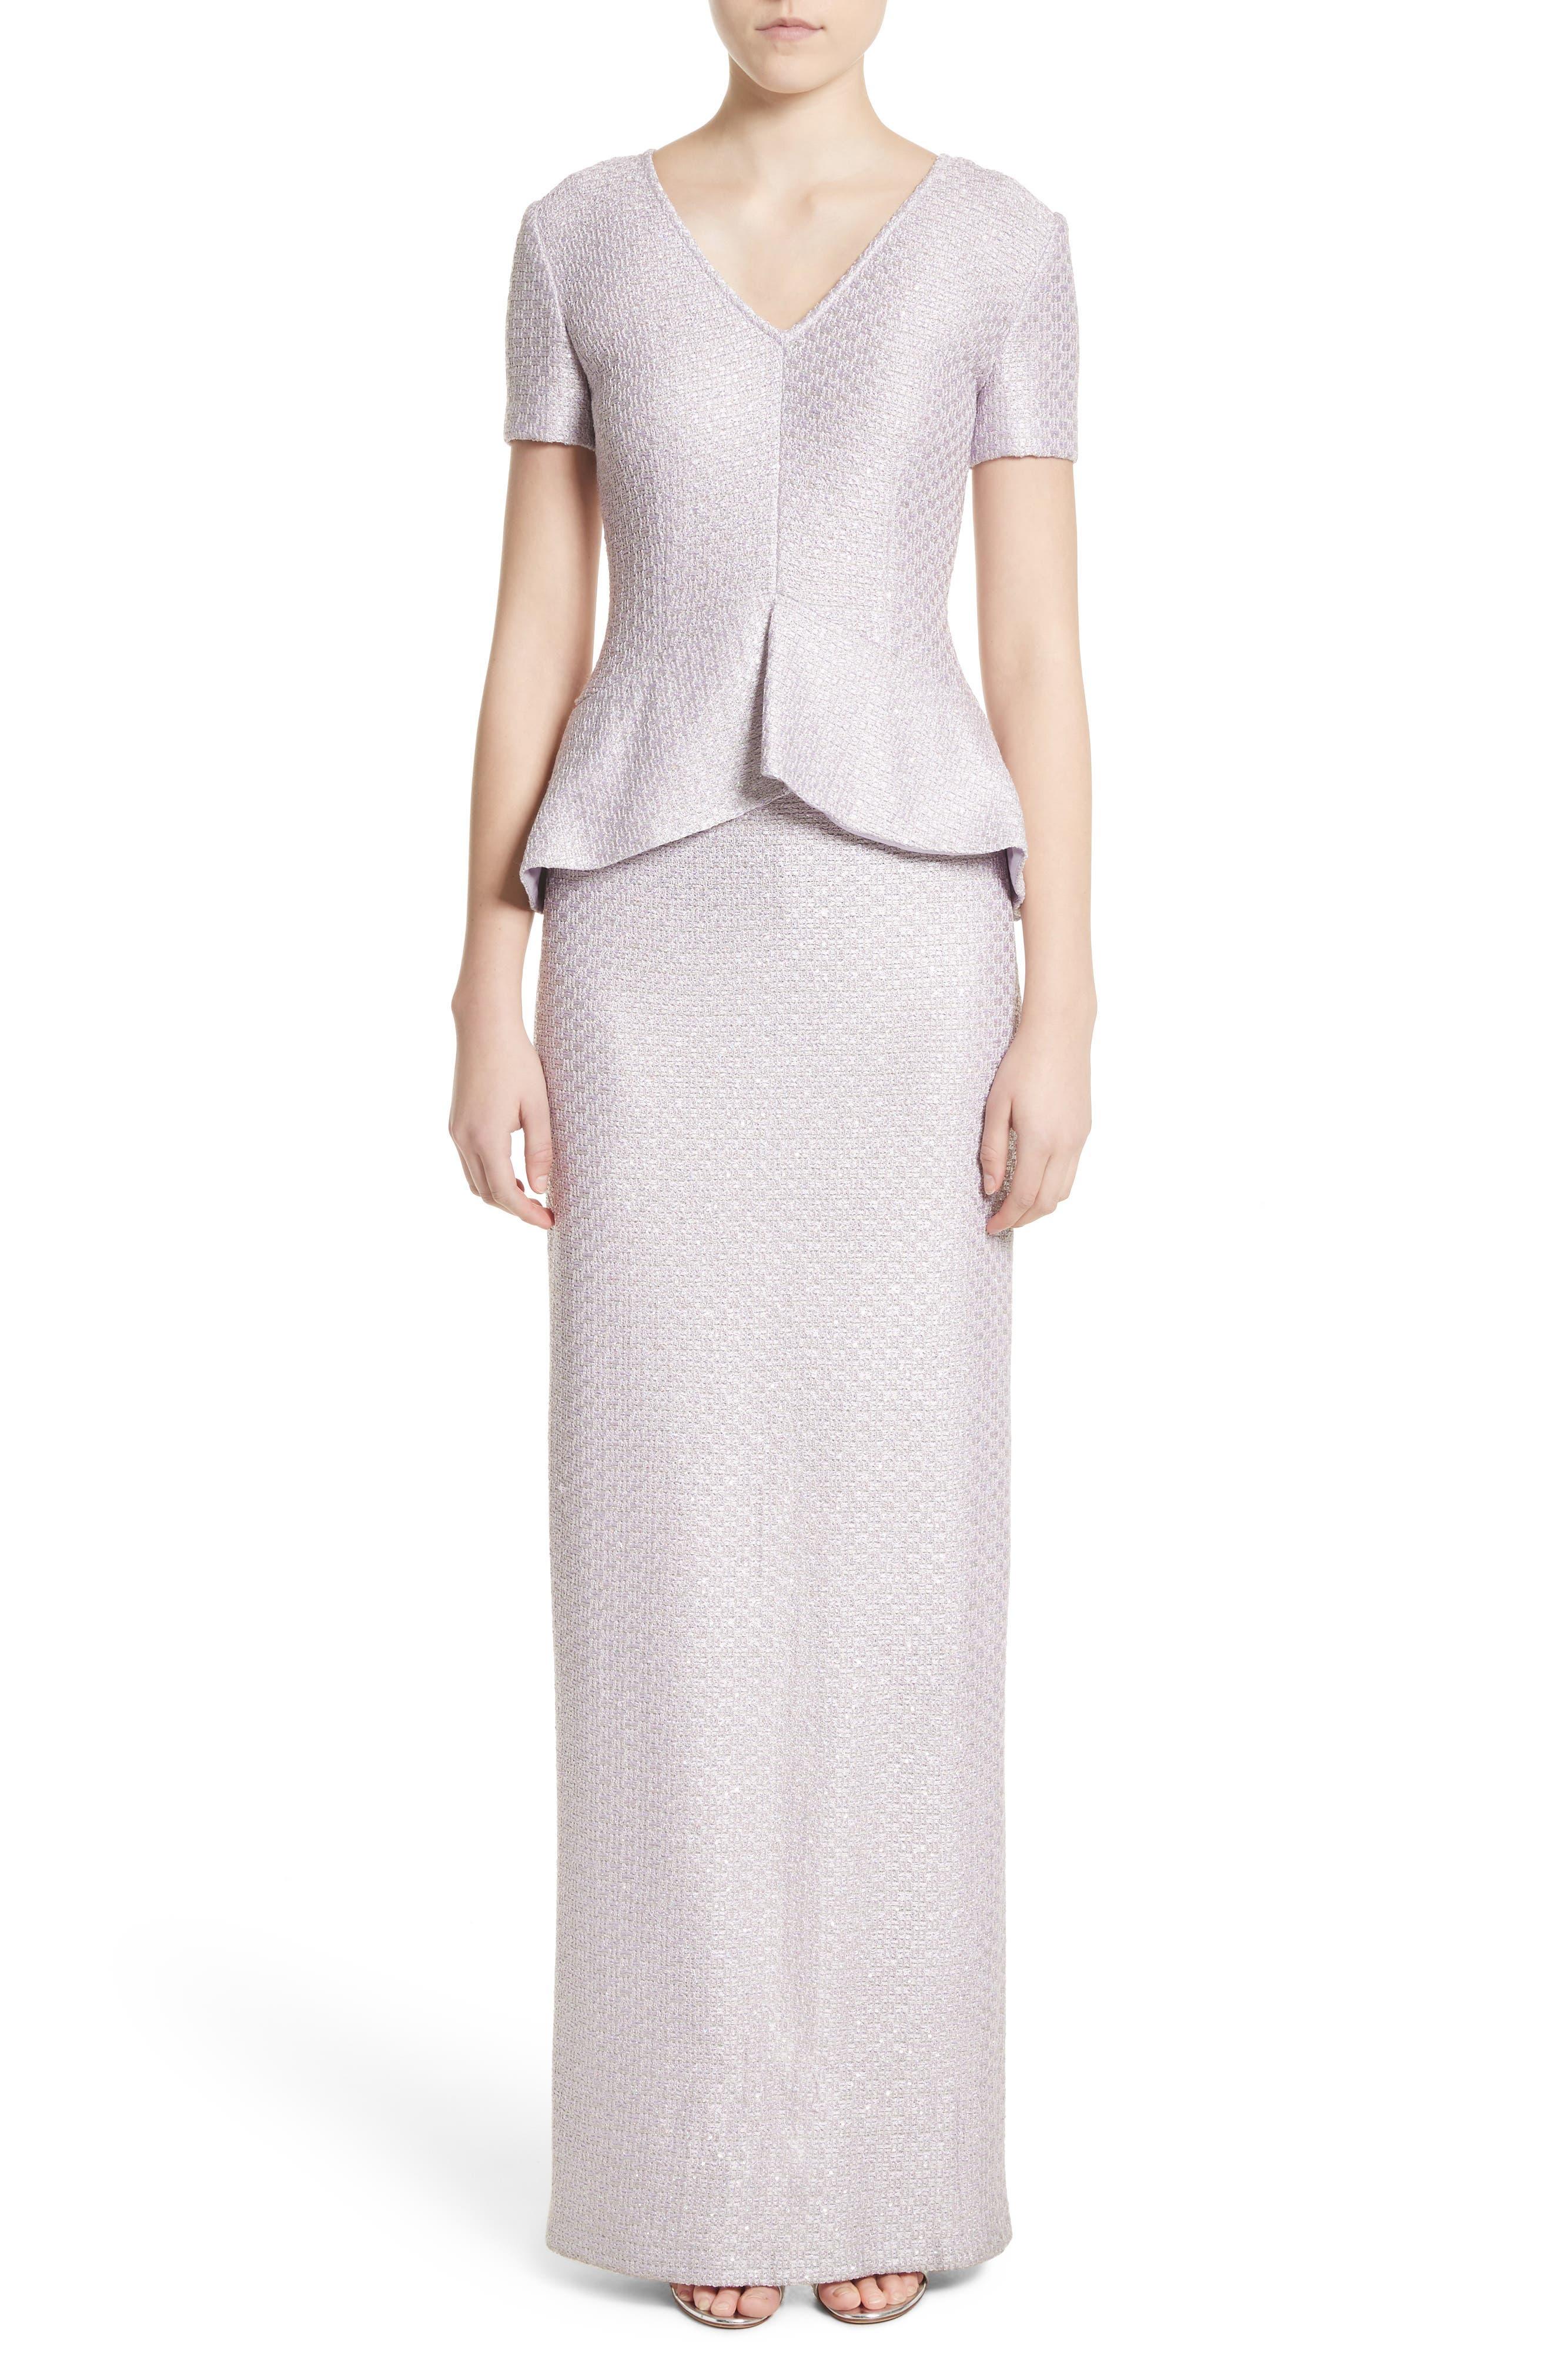 Hansh Sequin Knit Column Gown,                             Main thumbnail 1, color,                             530